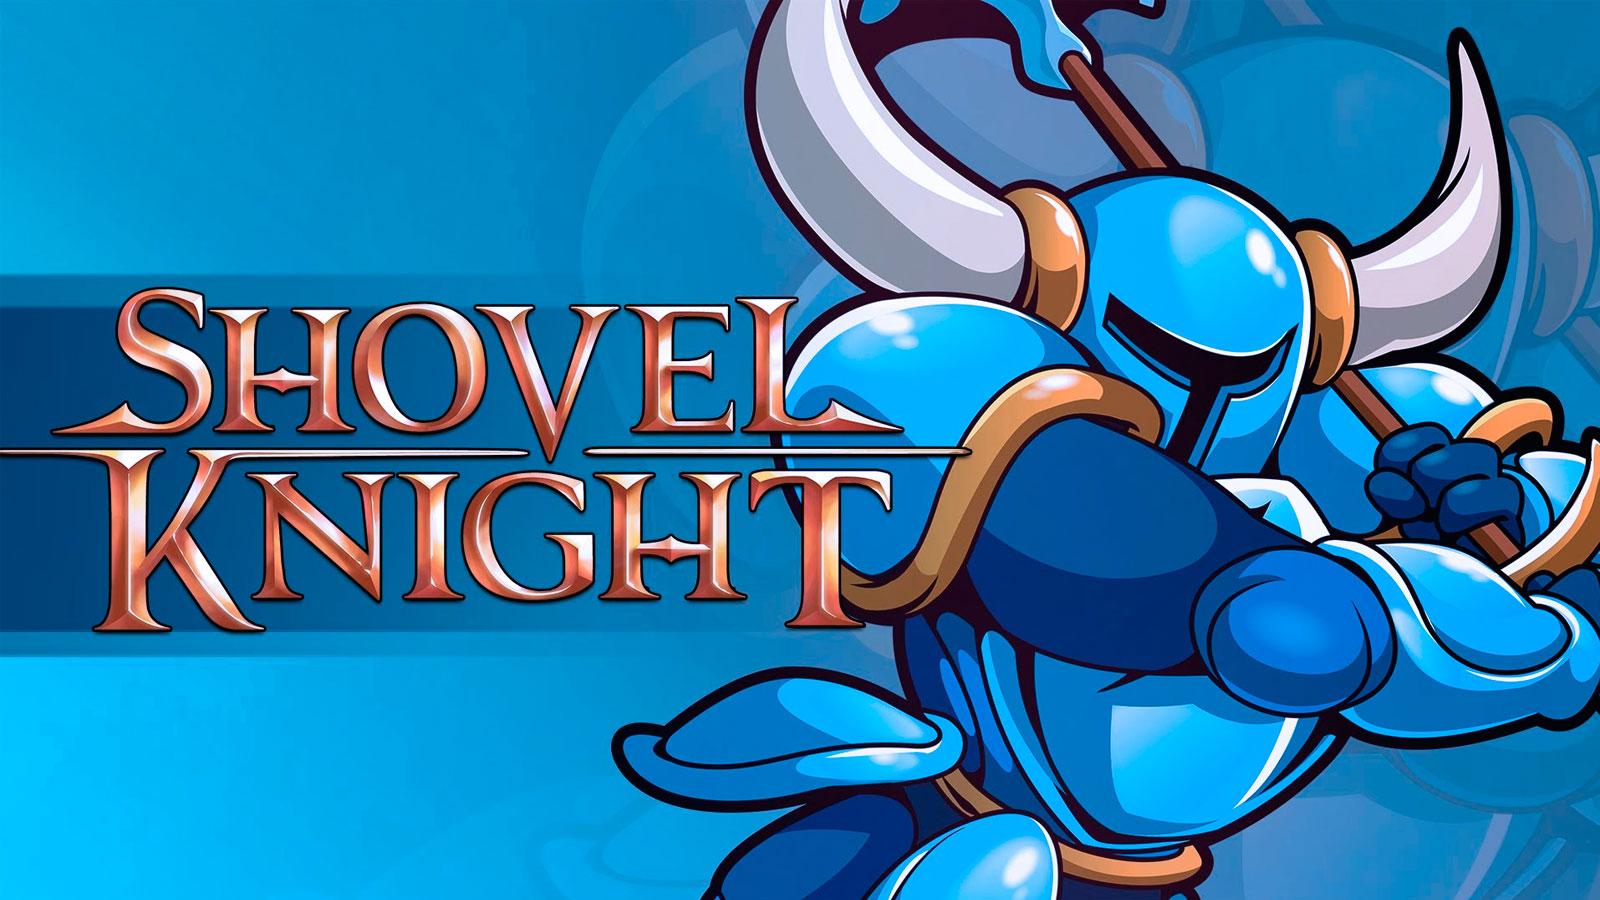 1001 videojuegos que debes jugar: Shovel Knight 4